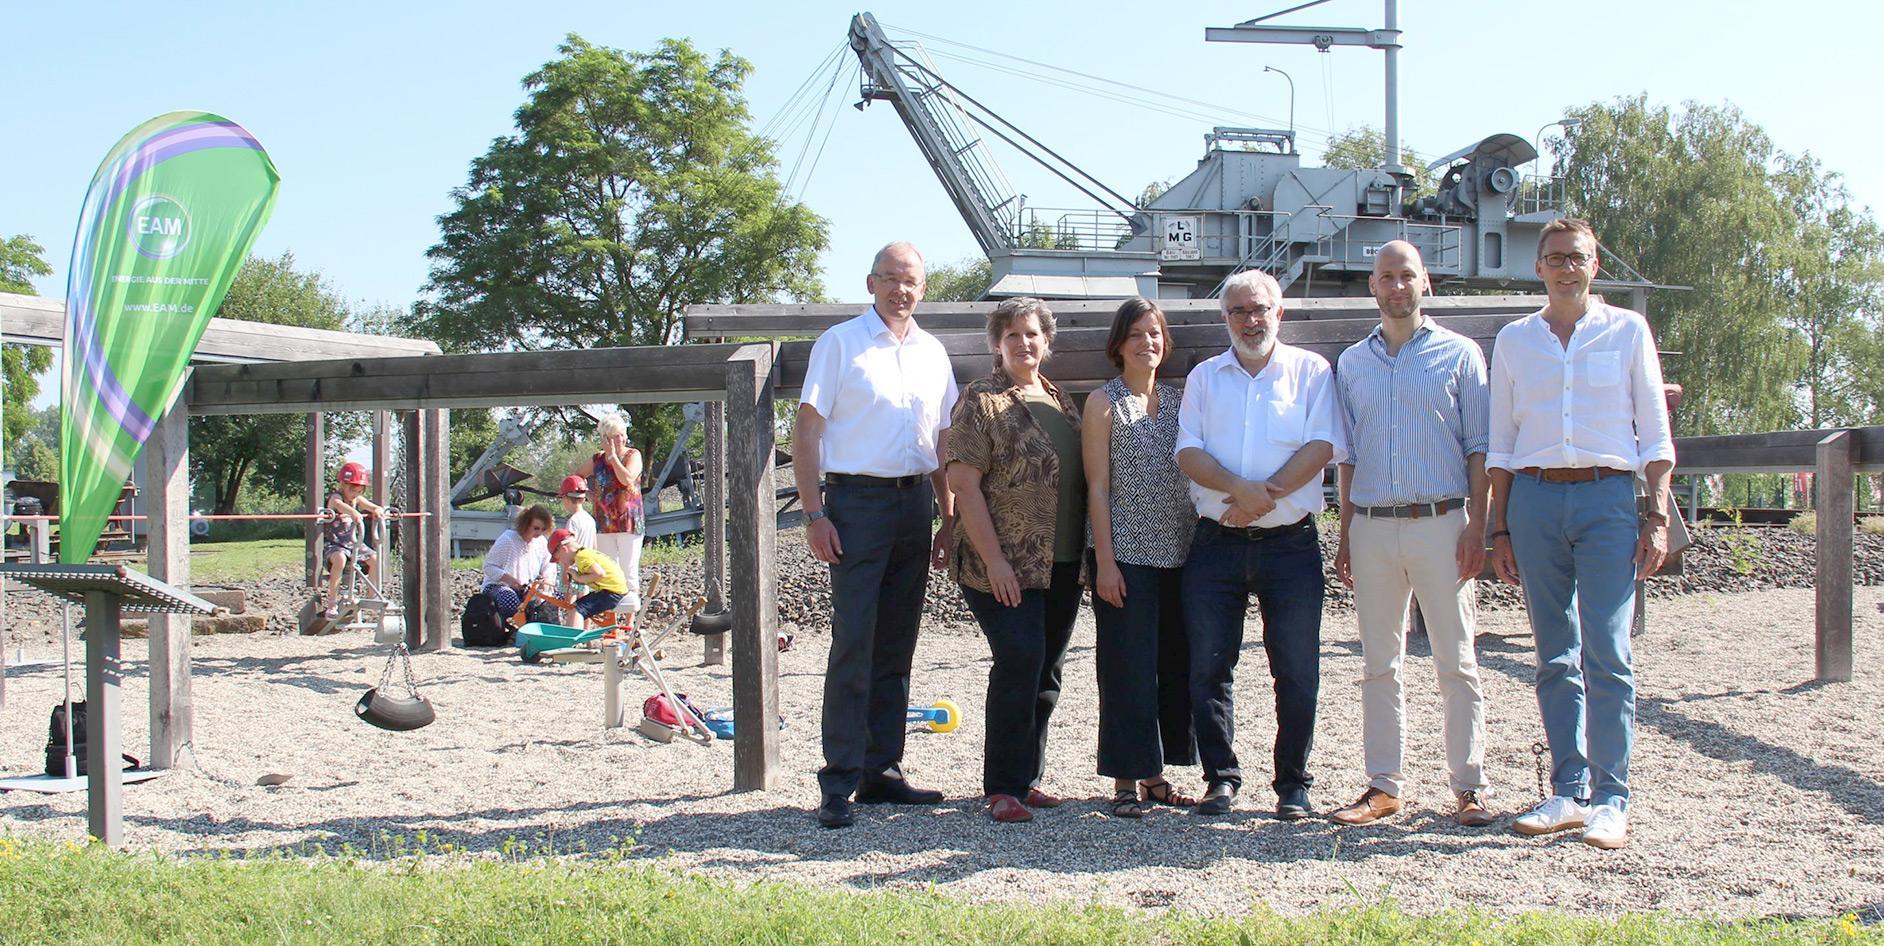 Die Kinder der KiTa Schatzkiste waren zu Besuch im Themenpark Energie in Borken